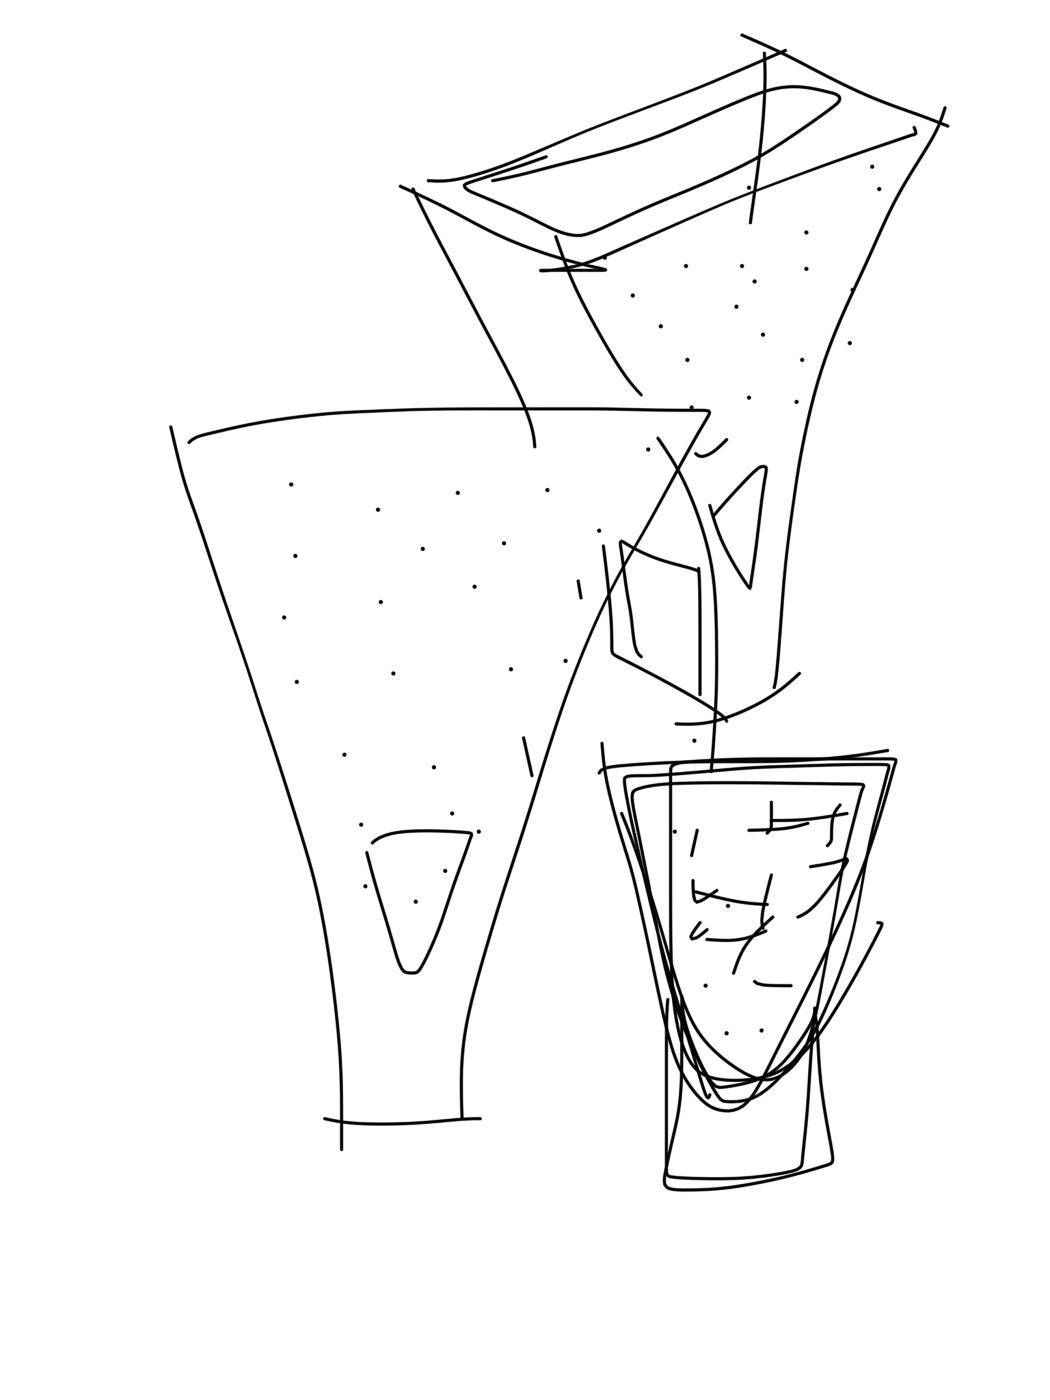 Sketch-314.jpg